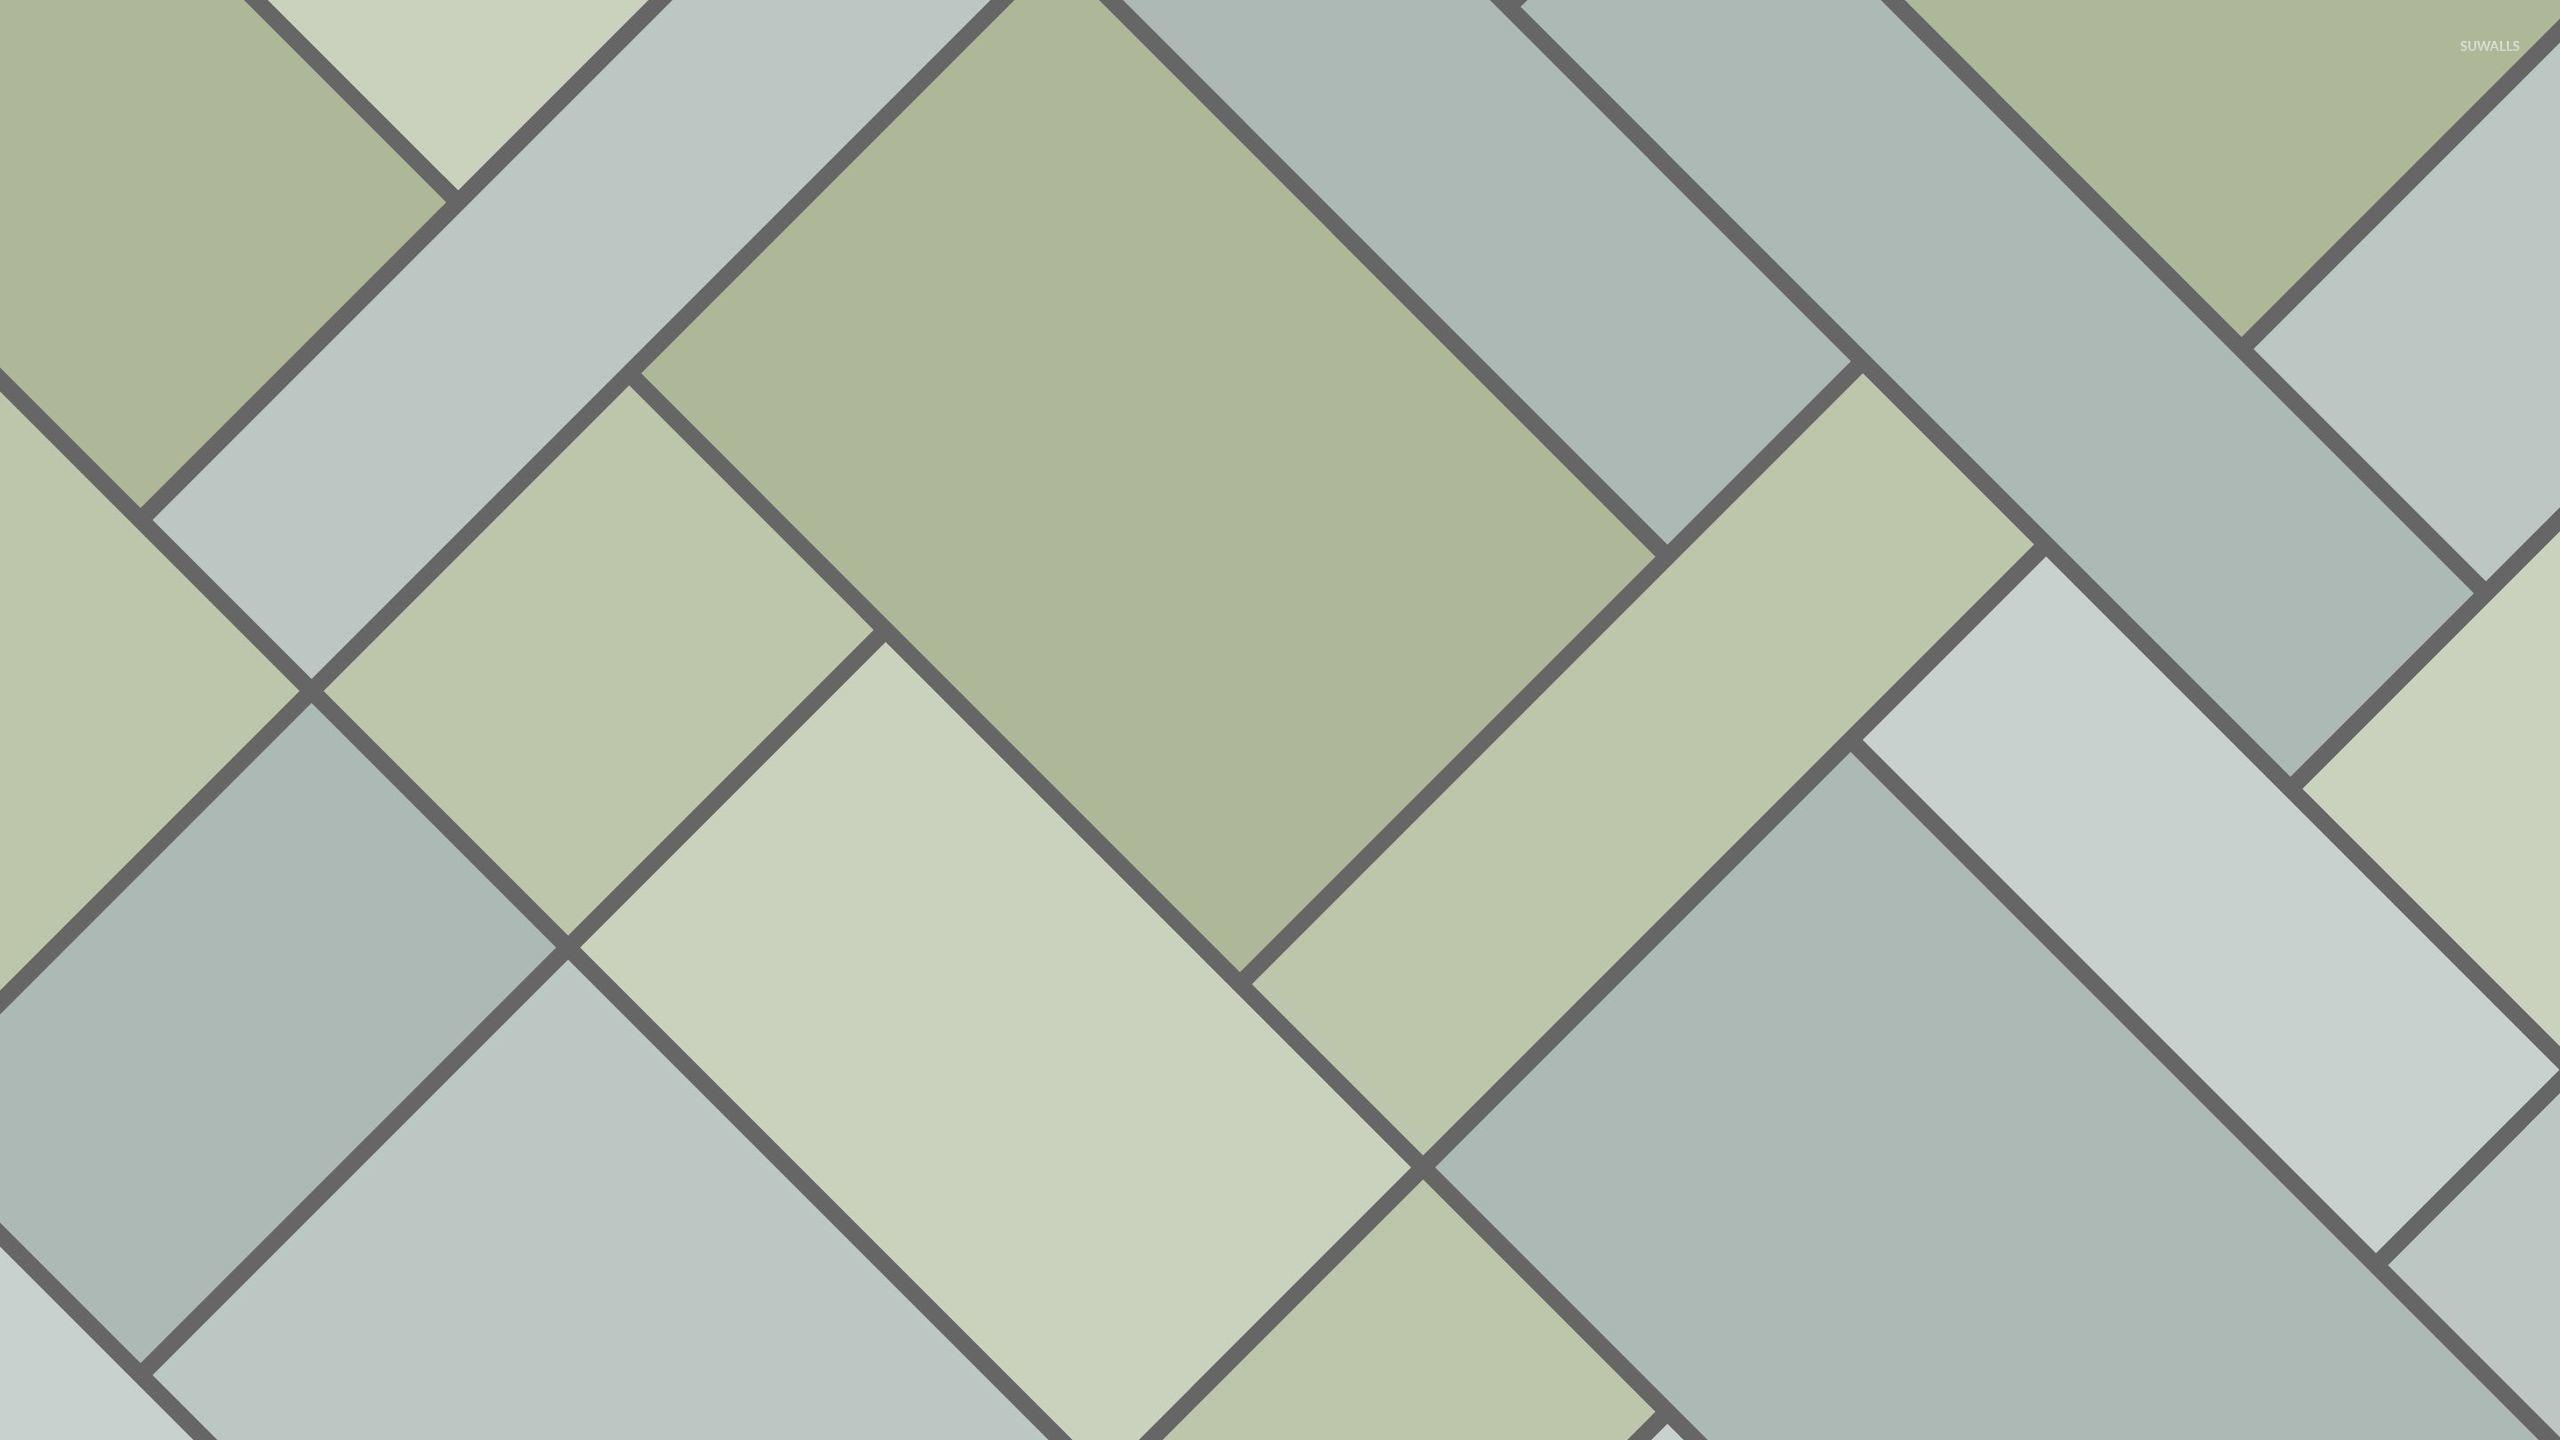 Rectangles wallpaper - Vector wallpapers - #26731